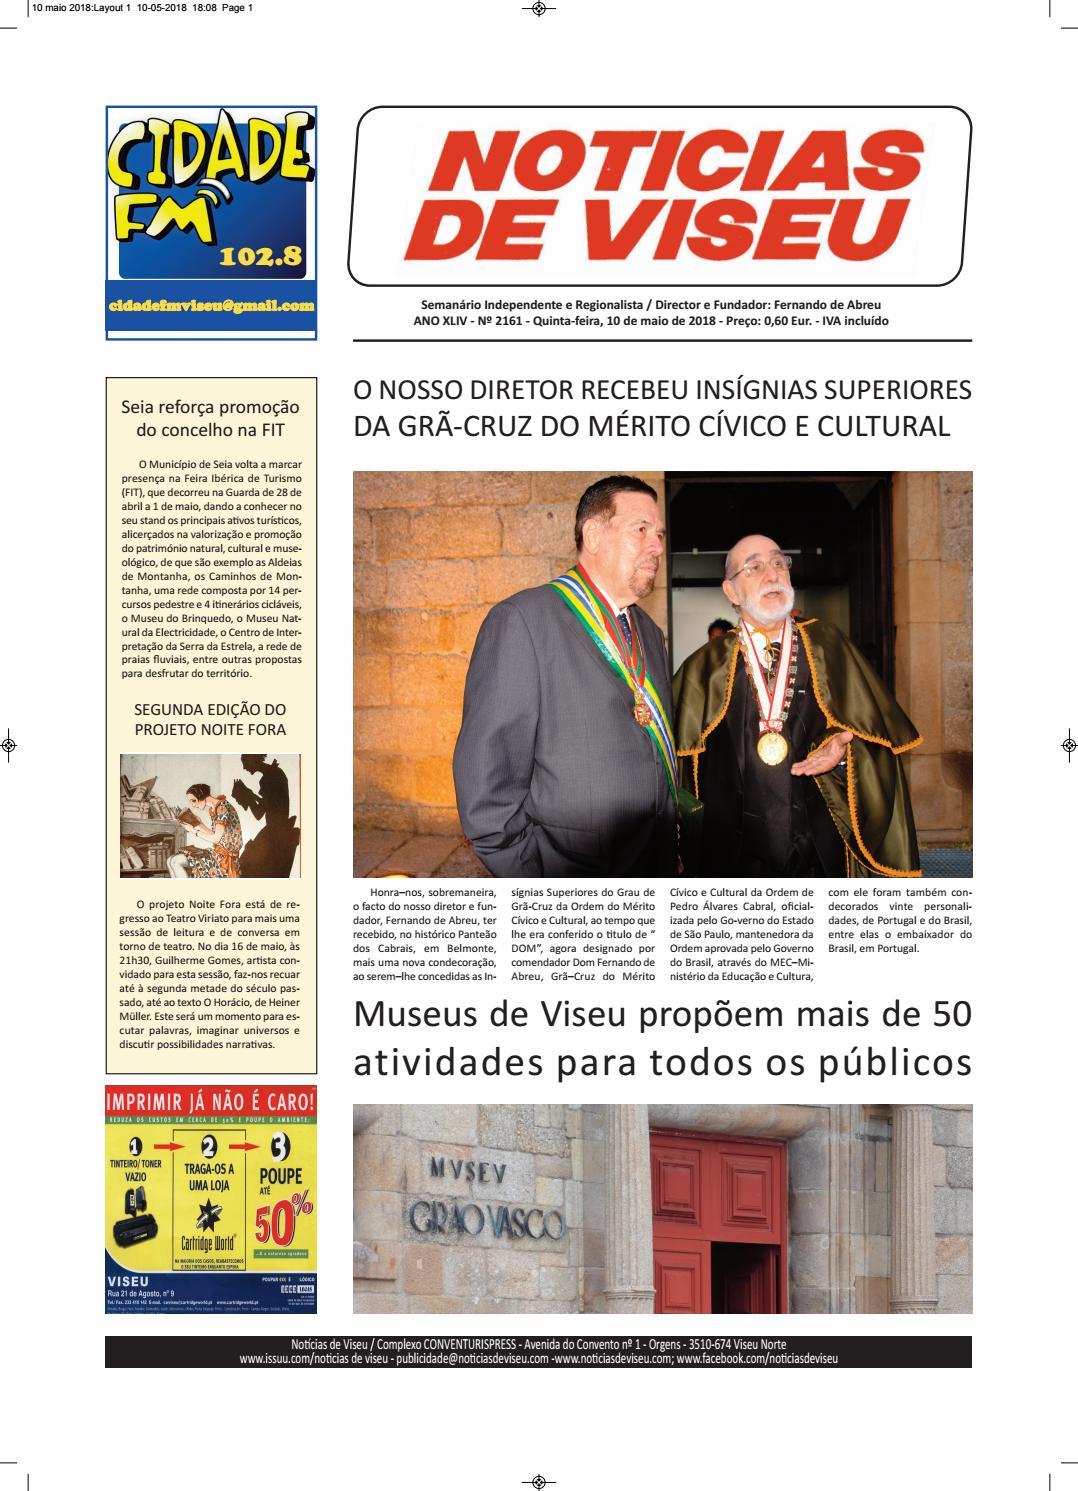 726a168fe9 Notícias de Viseu 10 maio 2018 by Noticias de Viseu - issuu